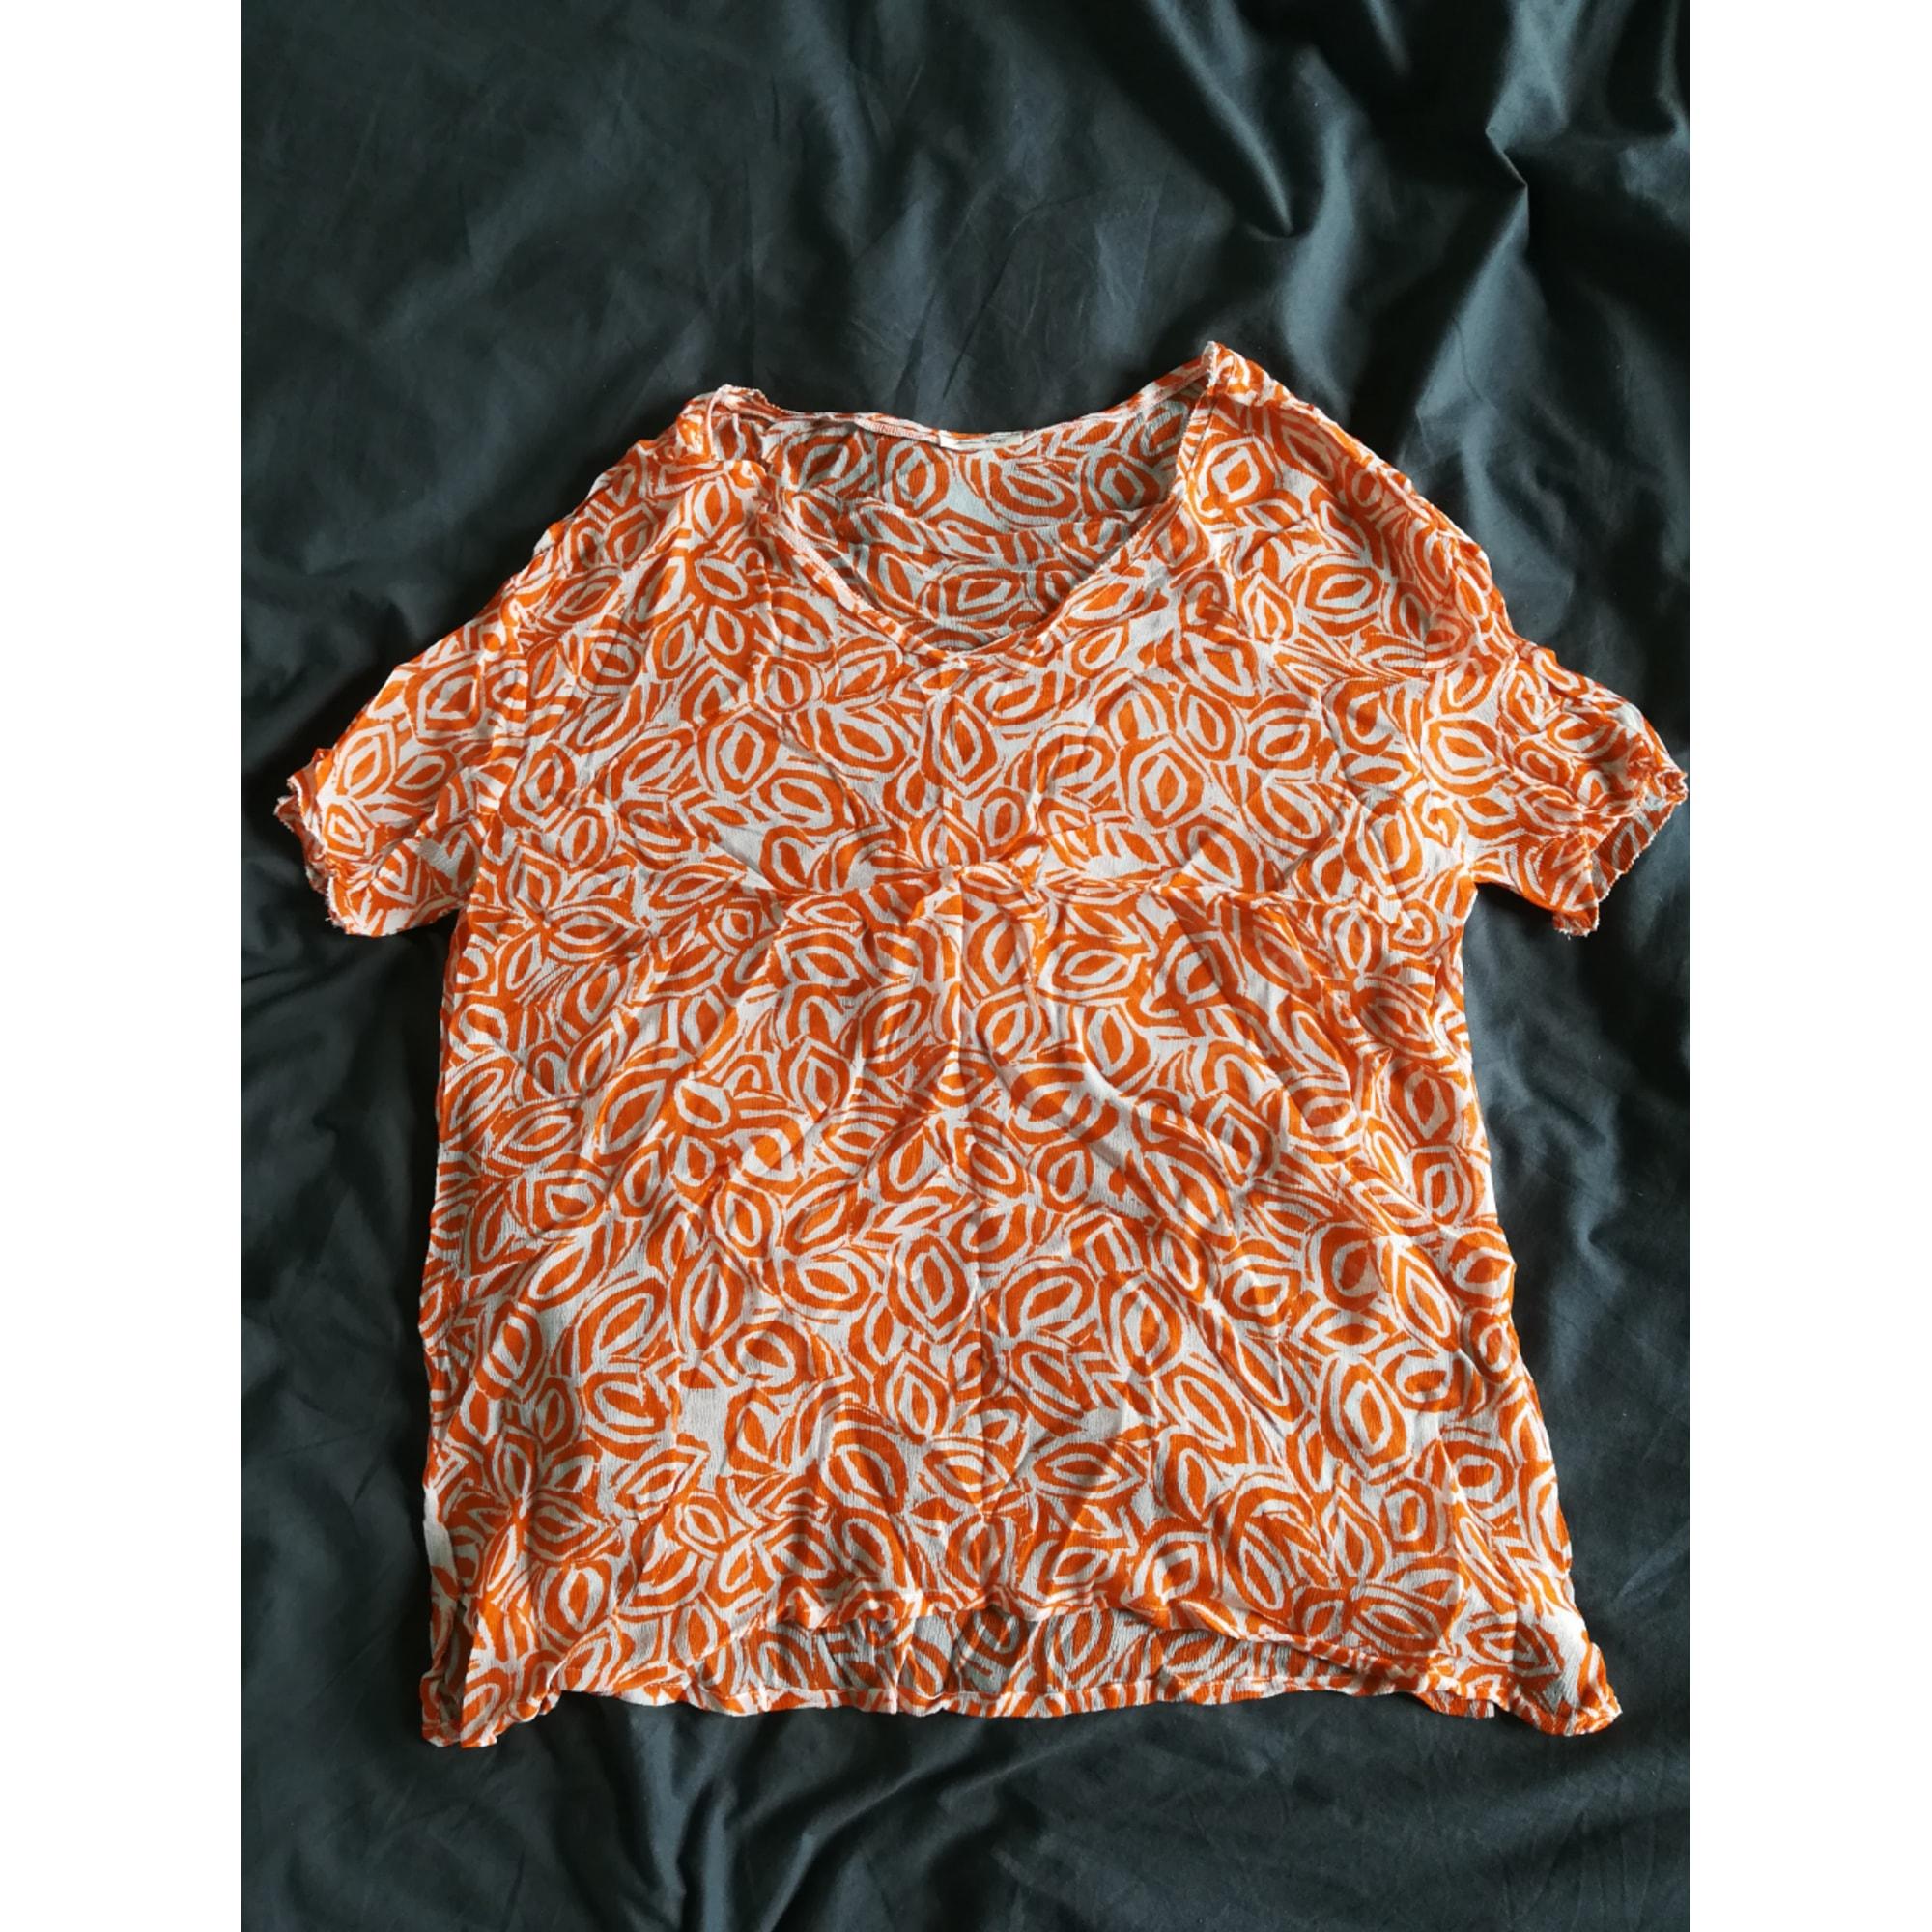 Top, tee-shirt AMERICAN VINTAGE Orange